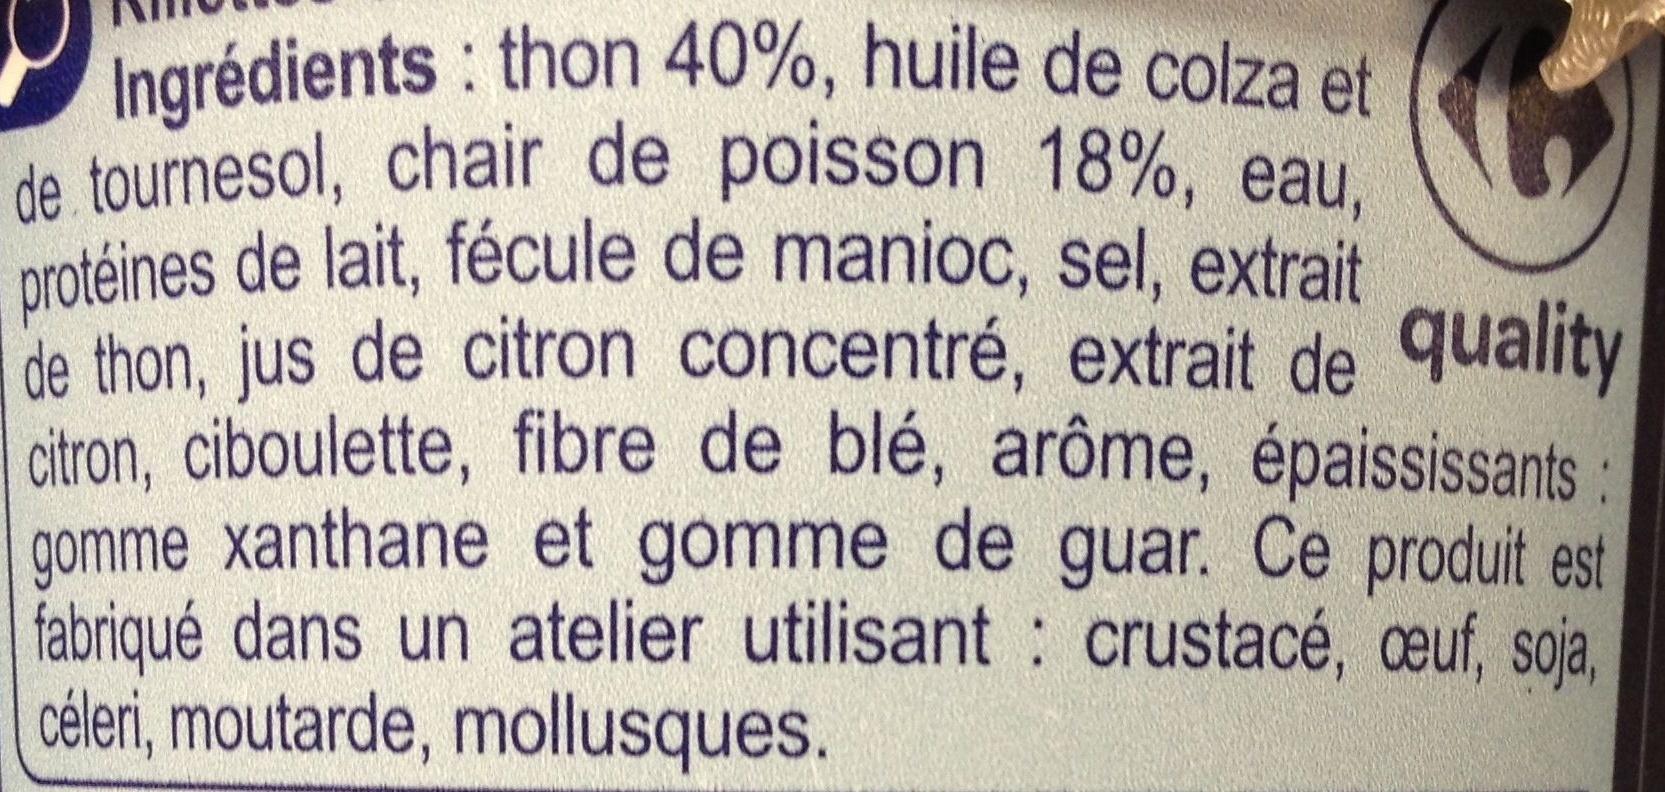 Rillettes De thon - Ingrédients